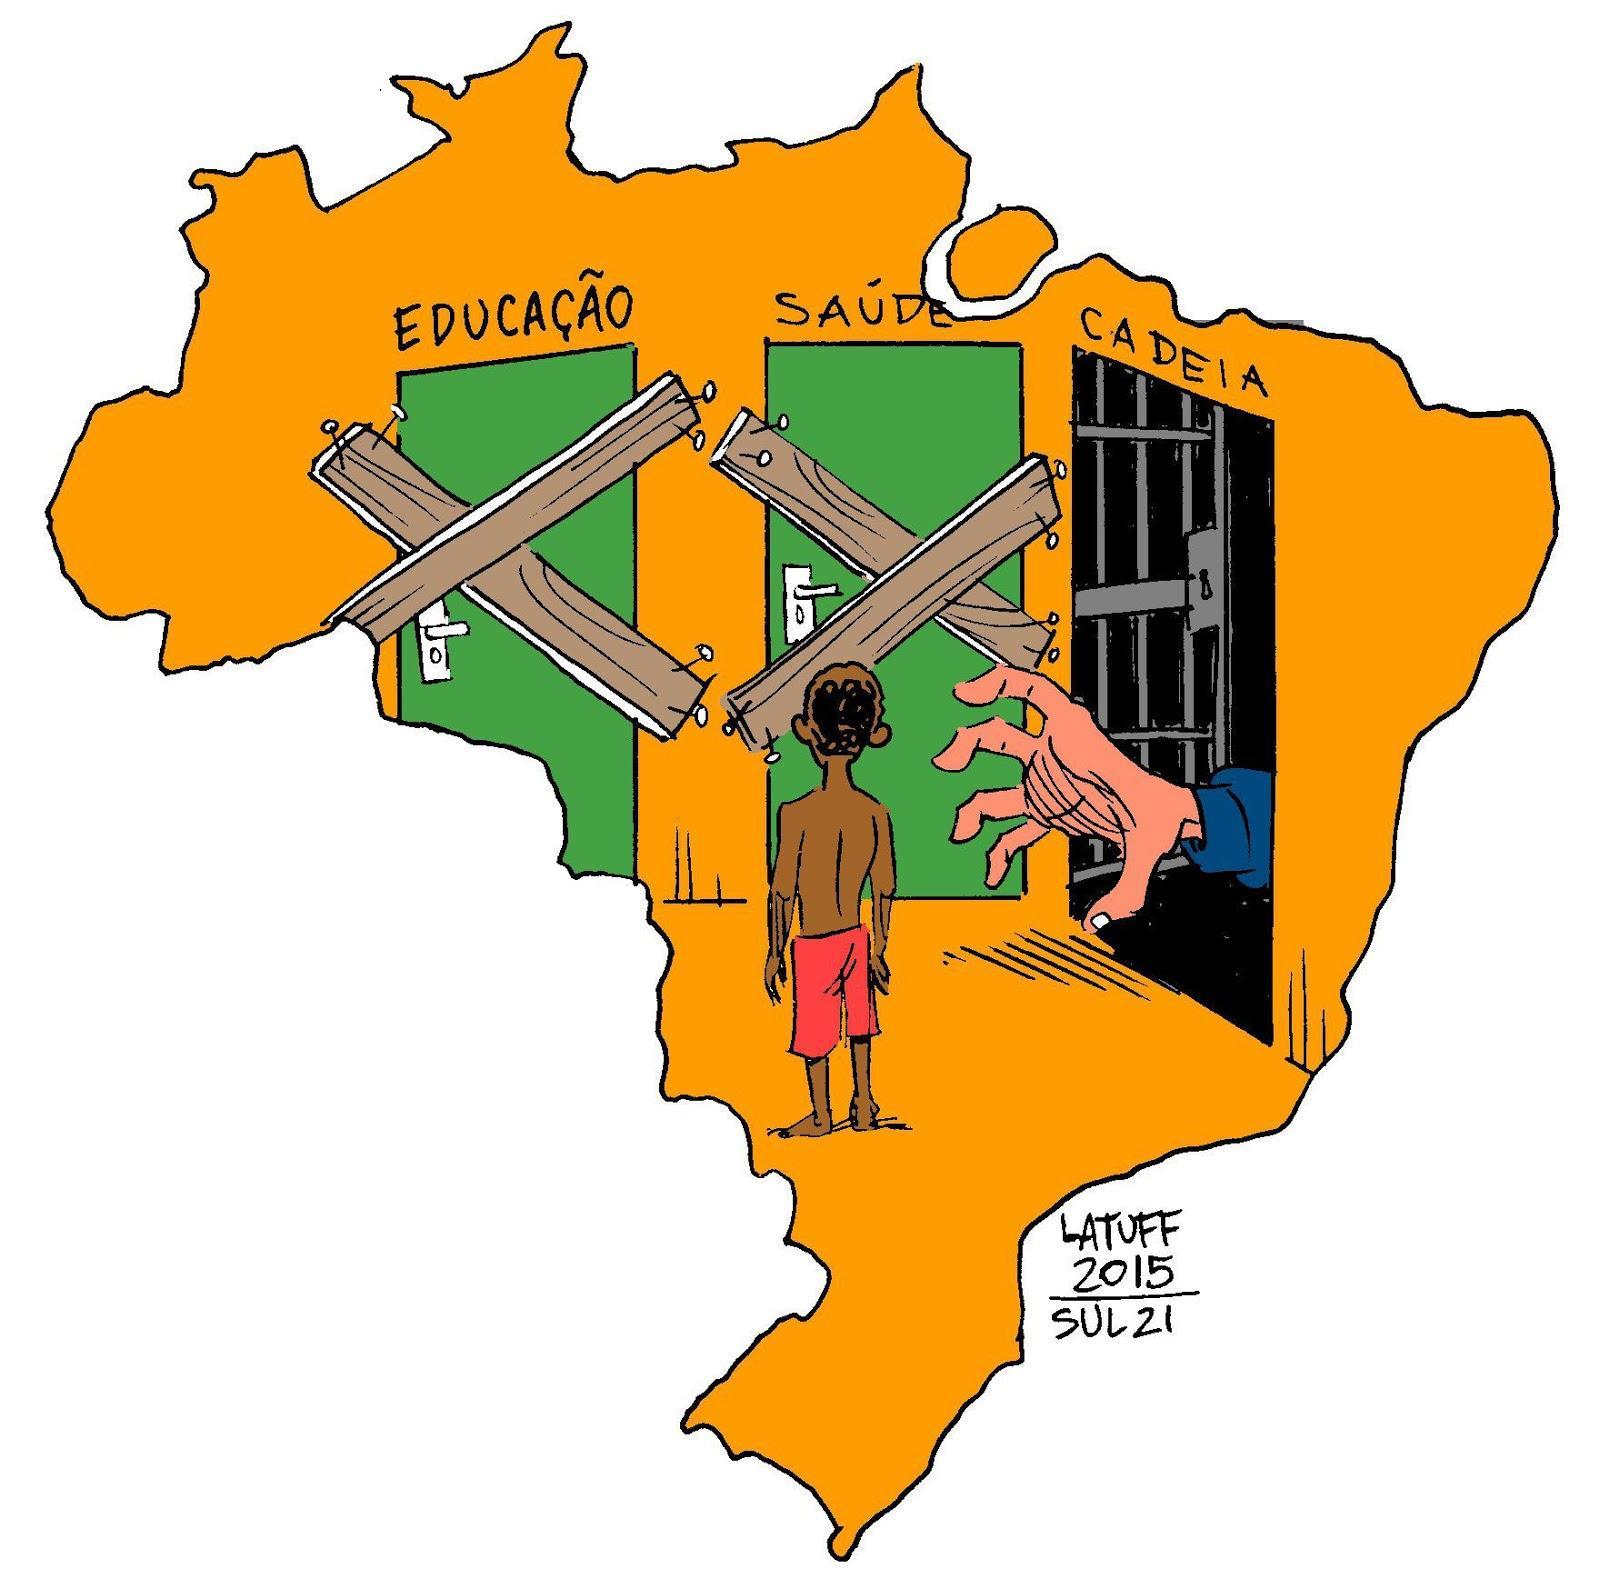 MODELOS DE REAÇÃO AO CRIME